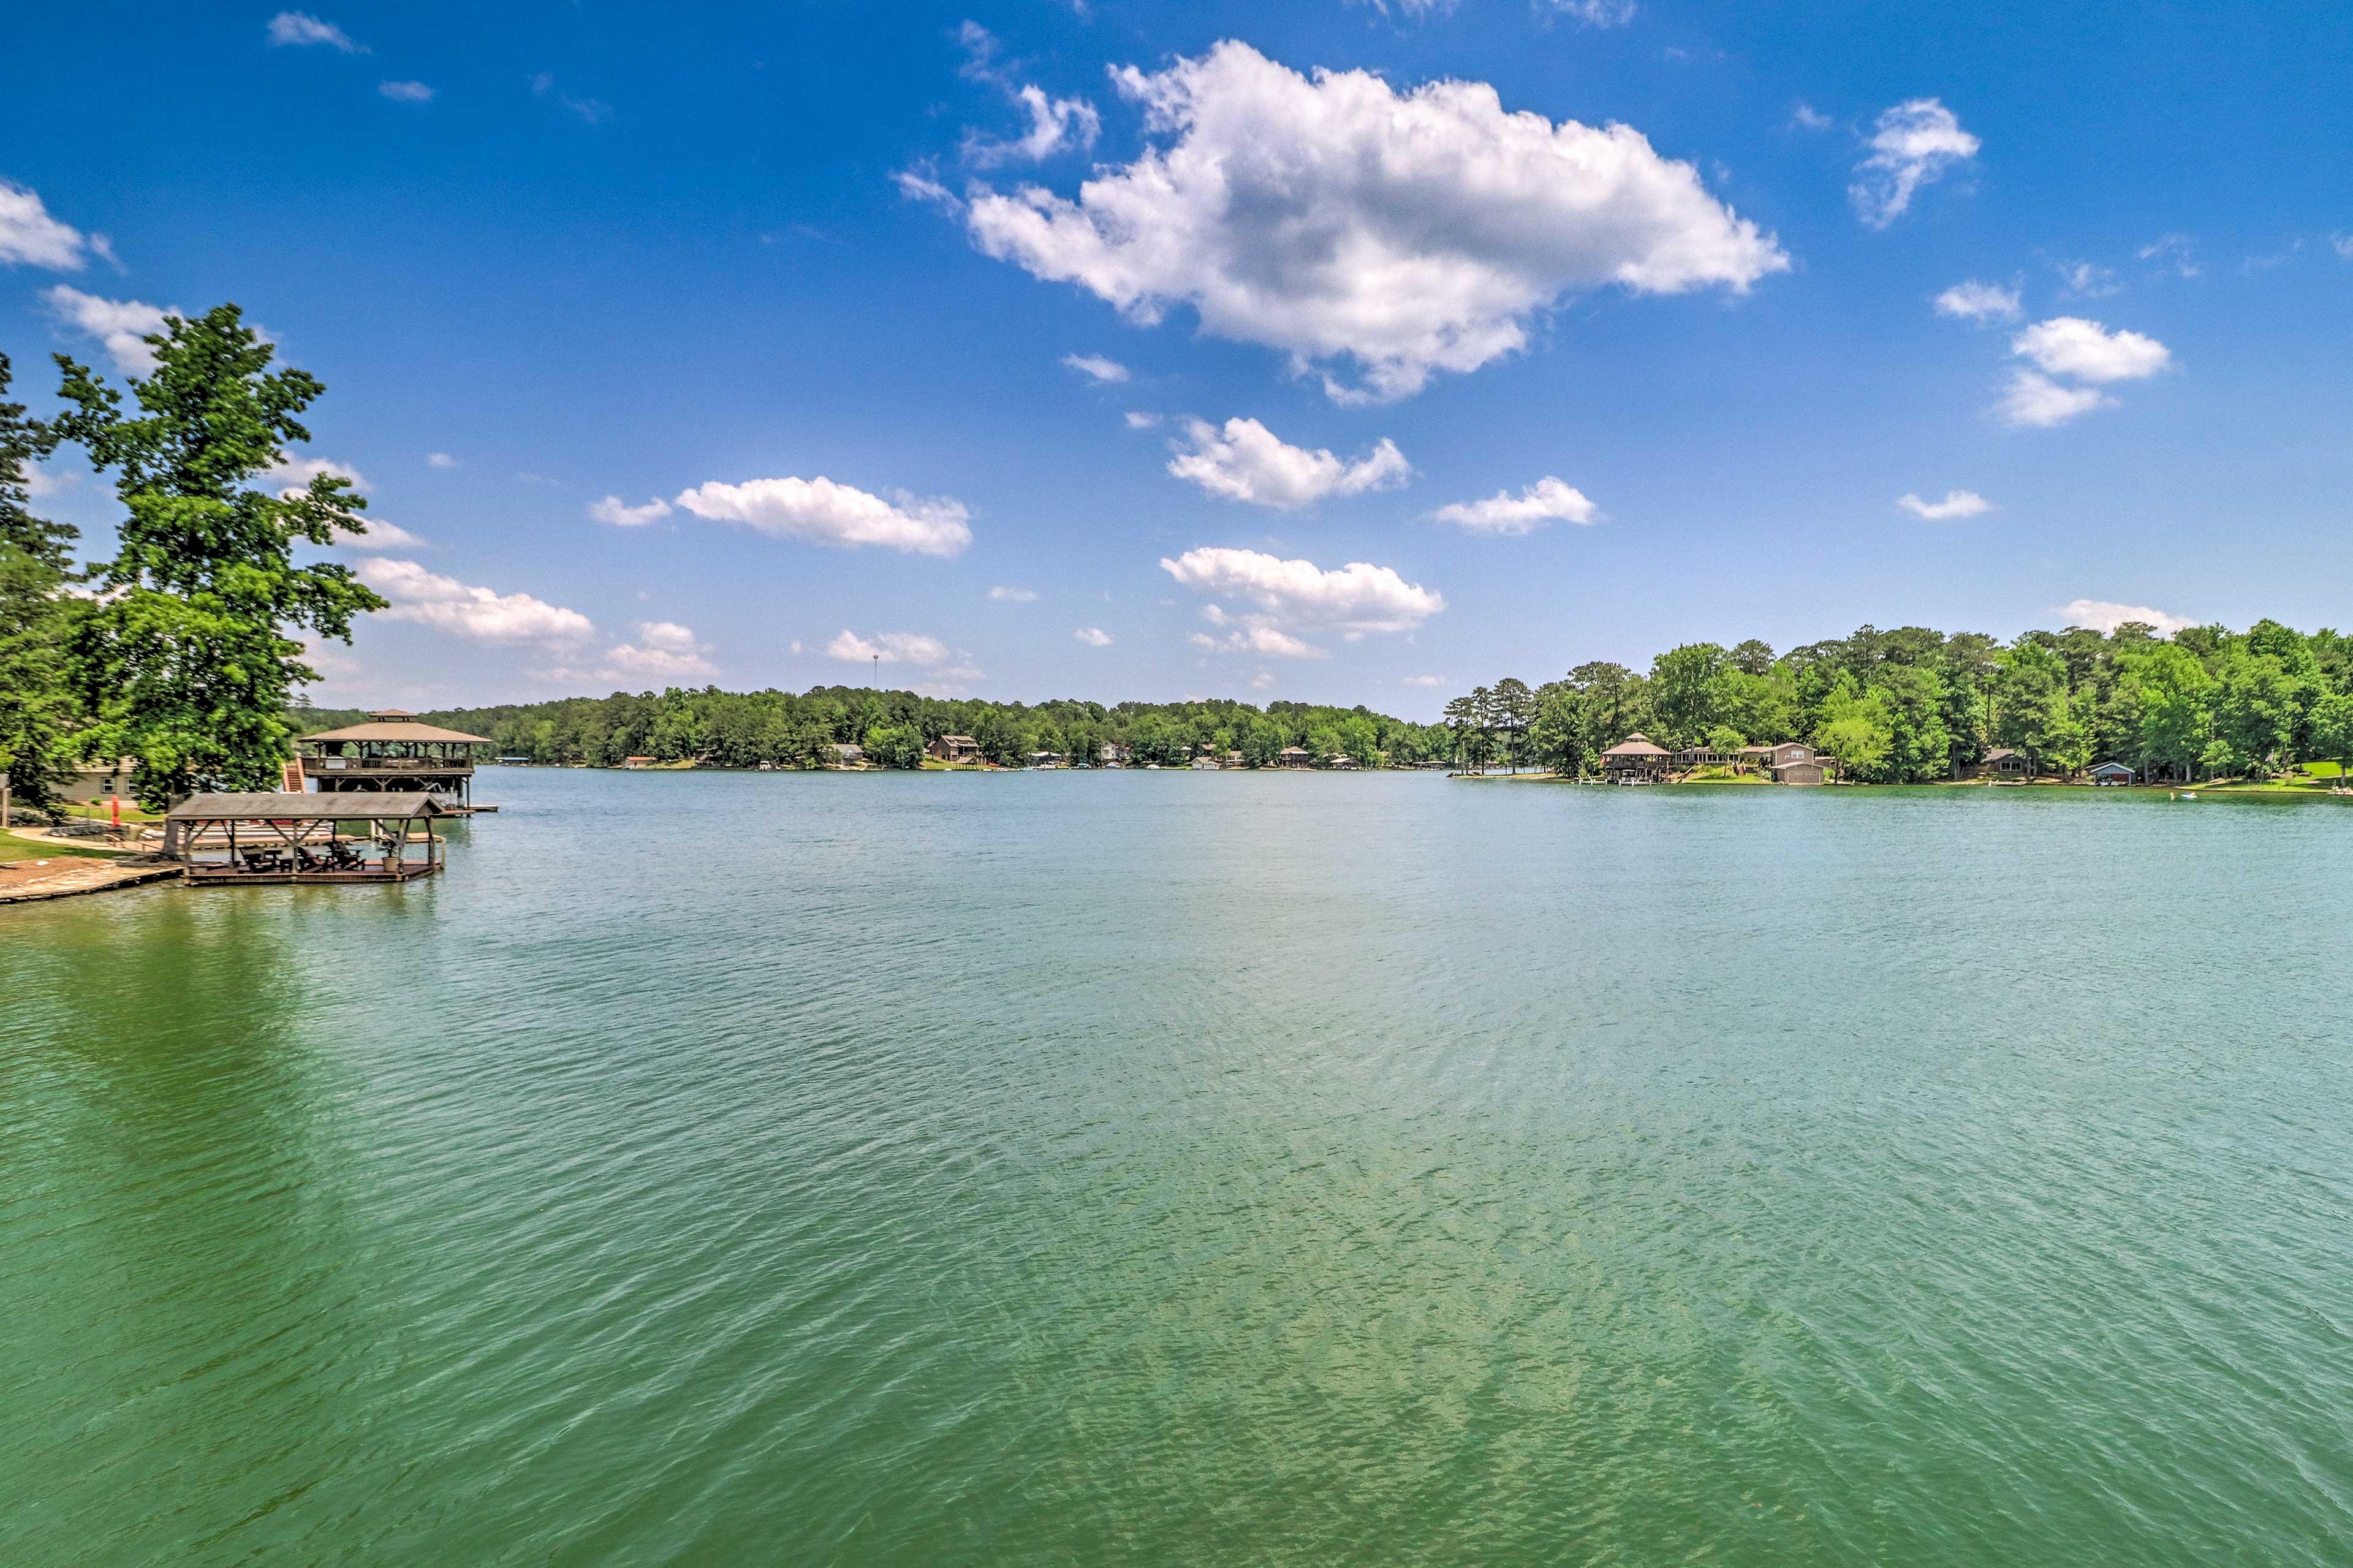 Days of boating, fishing, swimming & kayaking await on Lake Martin!